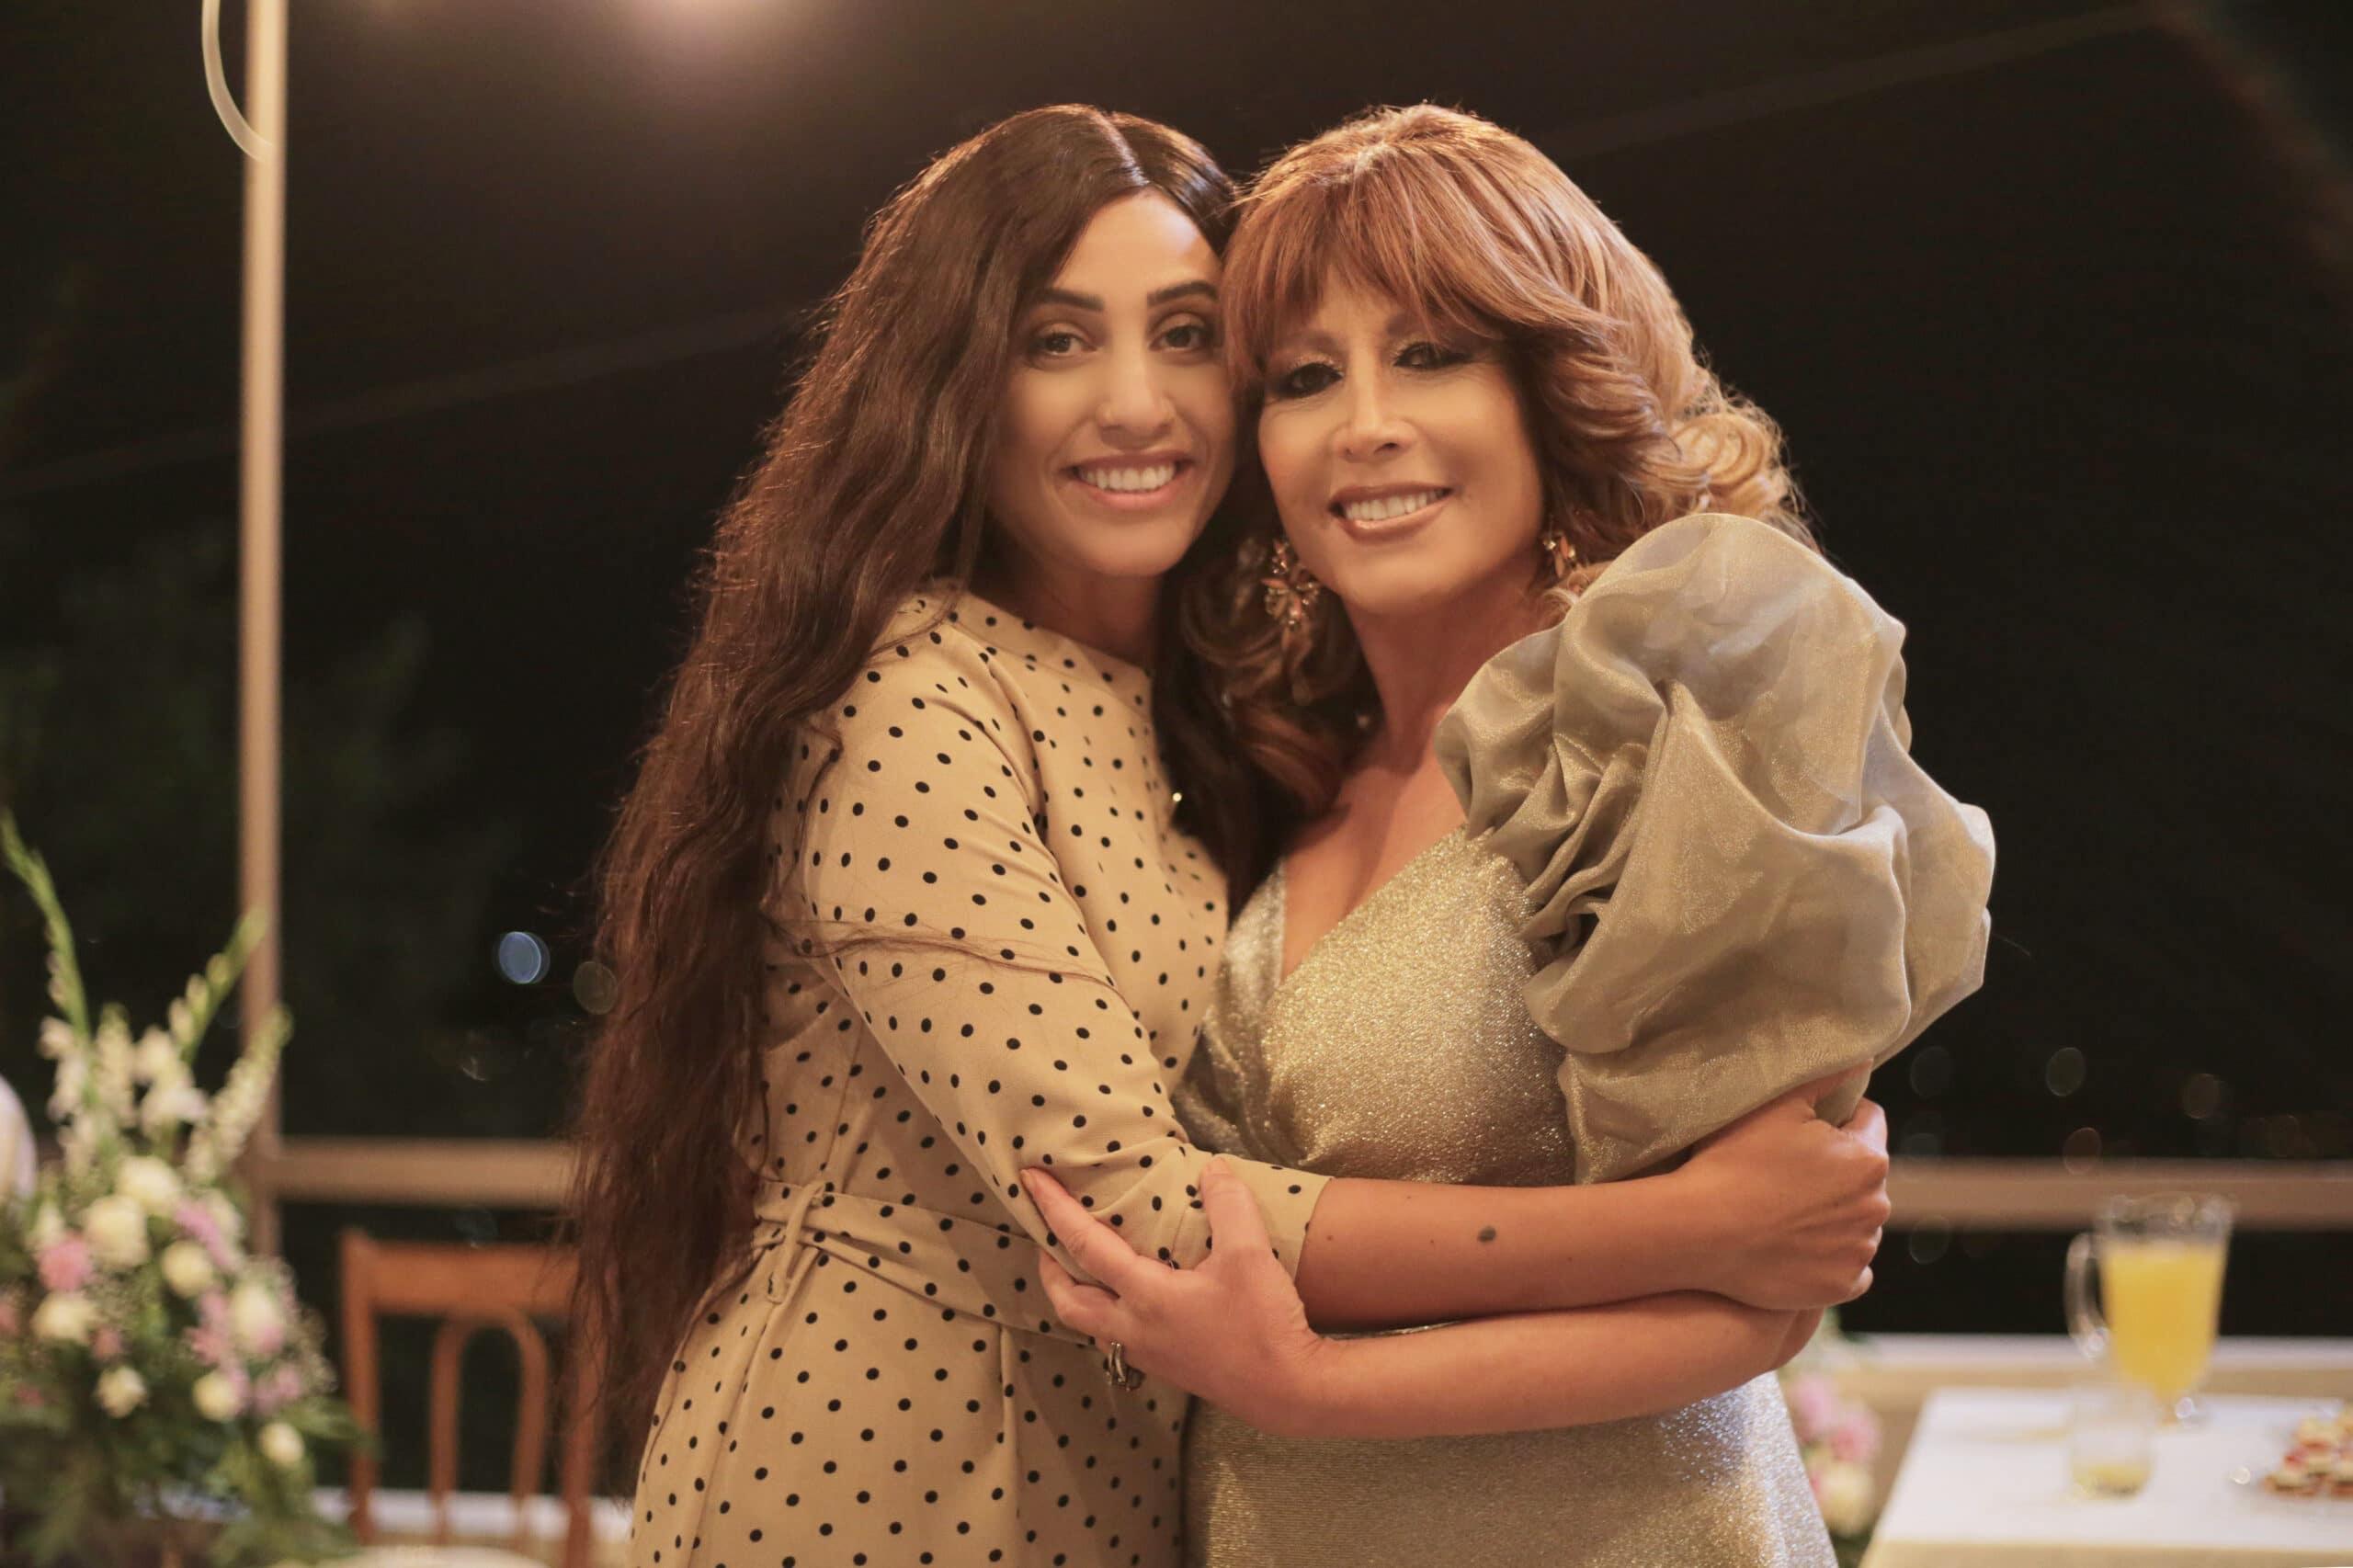 دينا الشربيني لتصوير أول عمل يجمعها وتقلا شمعون